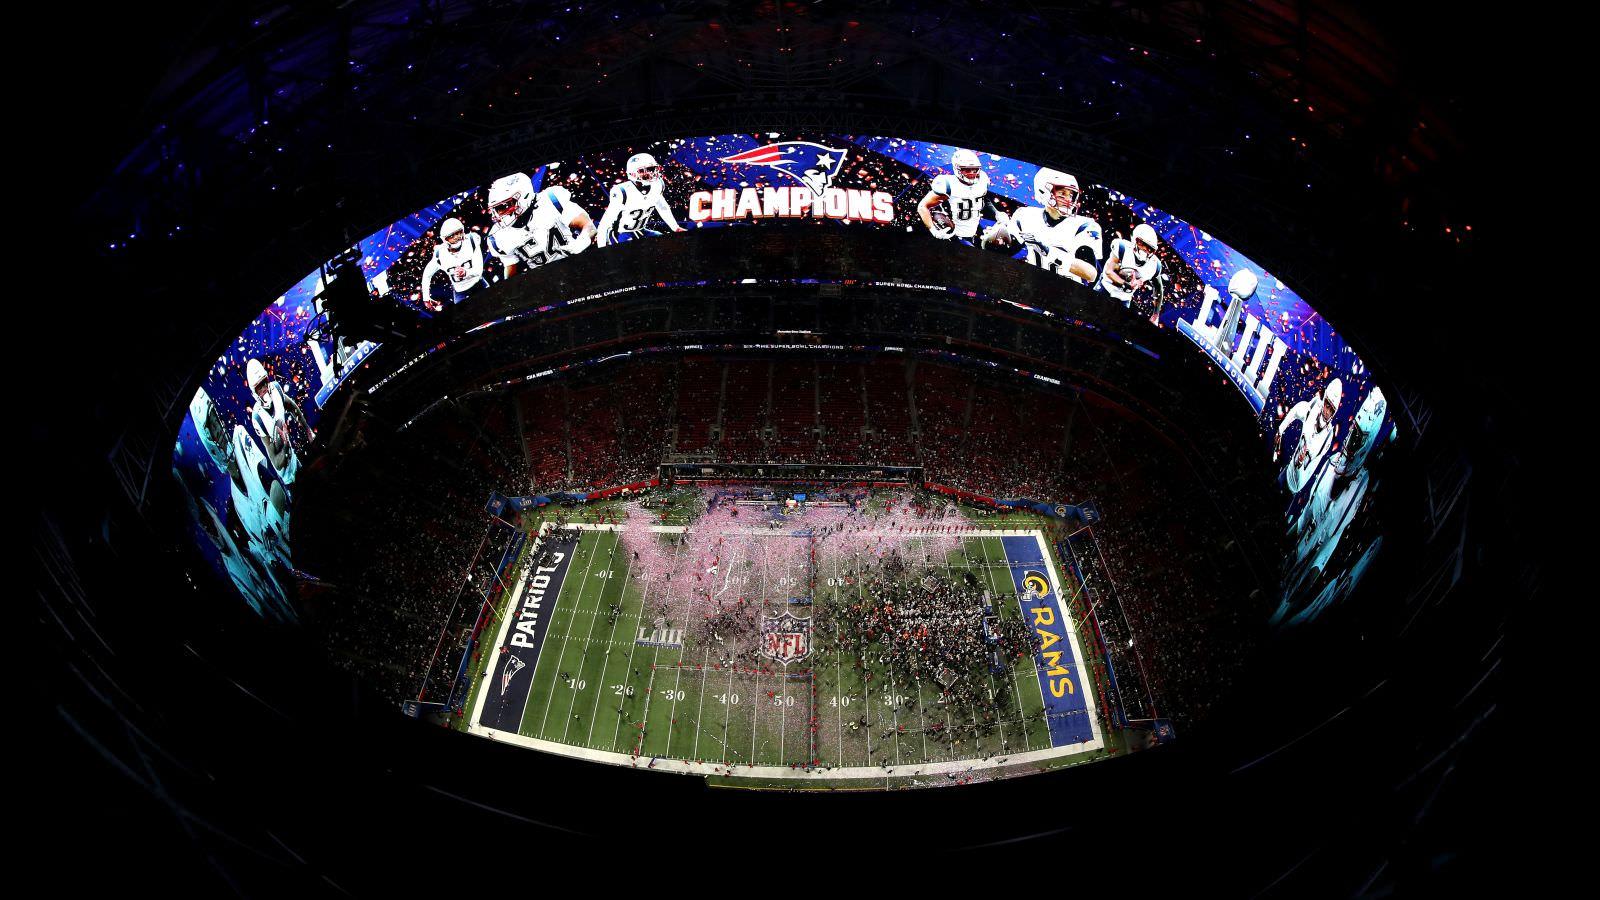 O Super Bowl Crappiest Na Memória Também Fez As Classificações Mais Confusas Em Mais De Uma Década